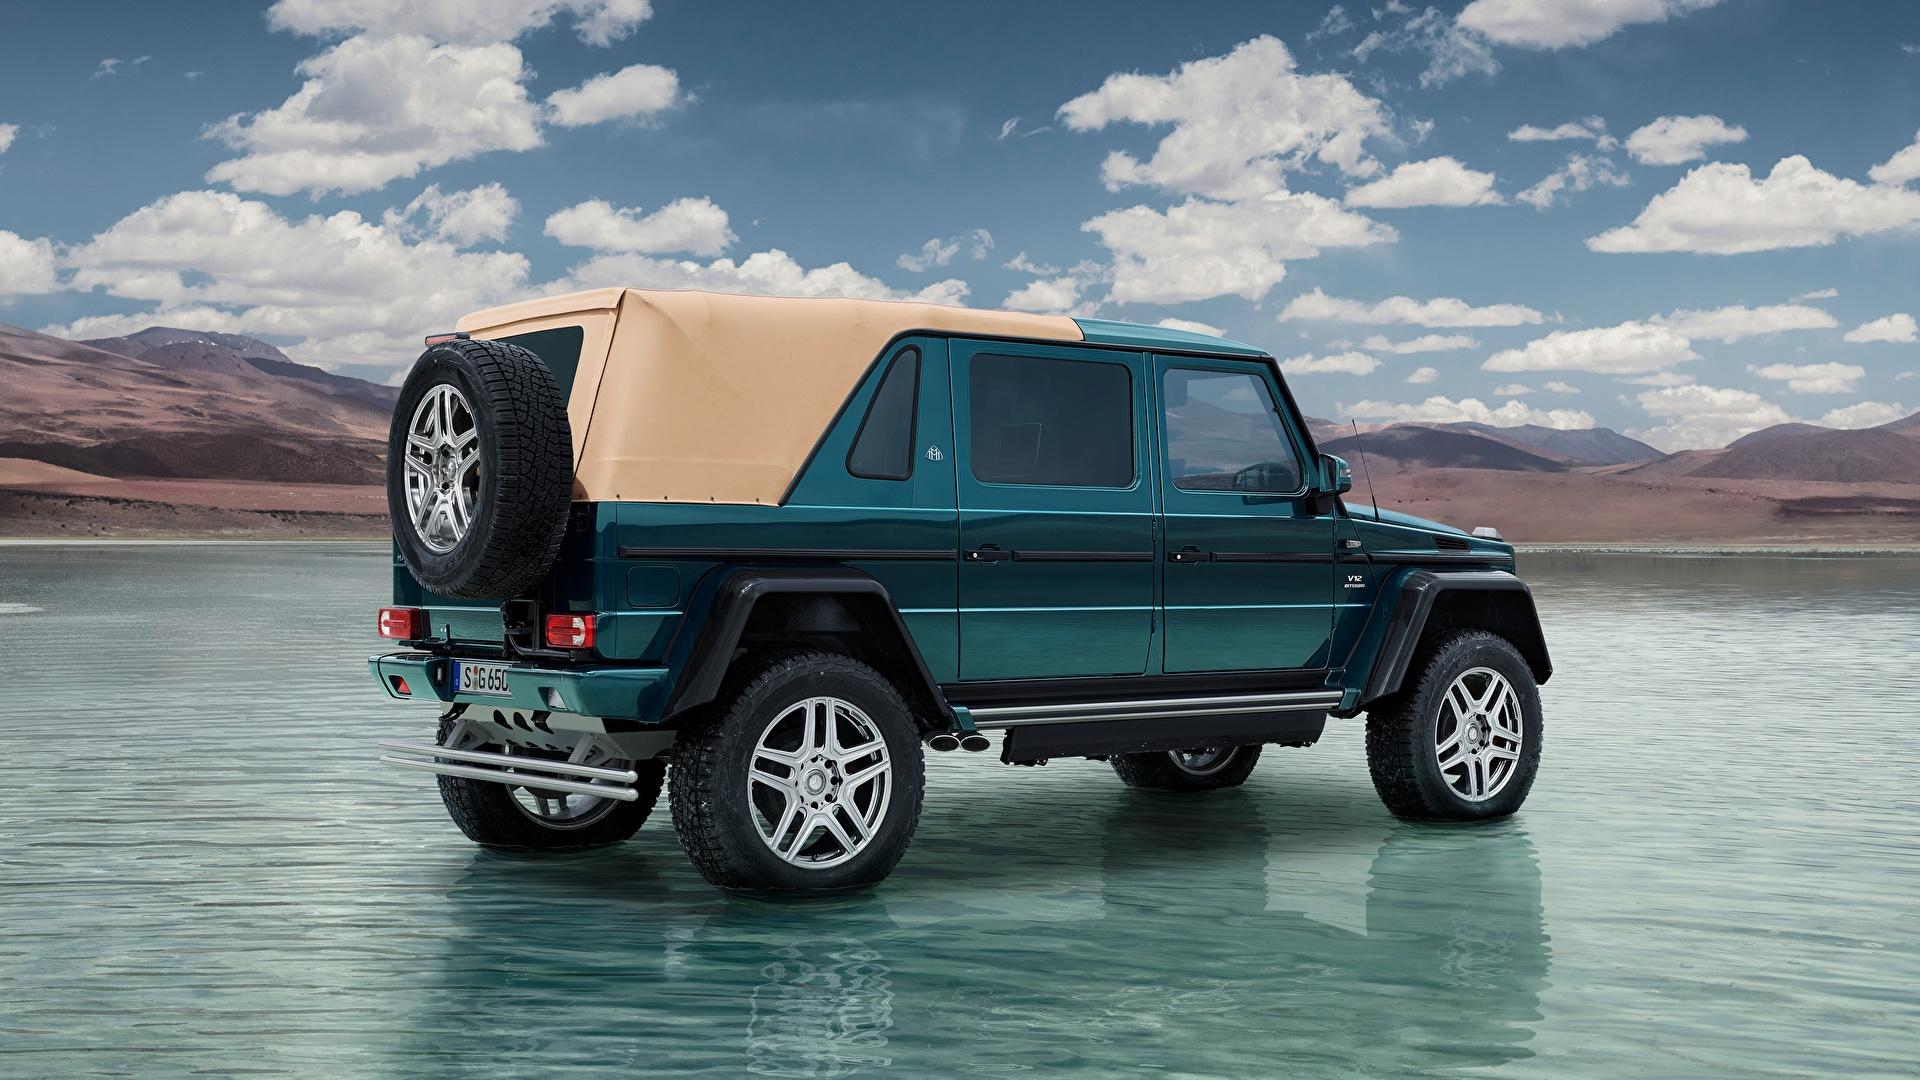 Bilder von Mercedes-Benz G-Klasse SUV Maybach G 650, Landaulet, 2017 auto Wasser Seitlich 1920x1080 G-Modell Sport Utility Vehicle Autos automobil